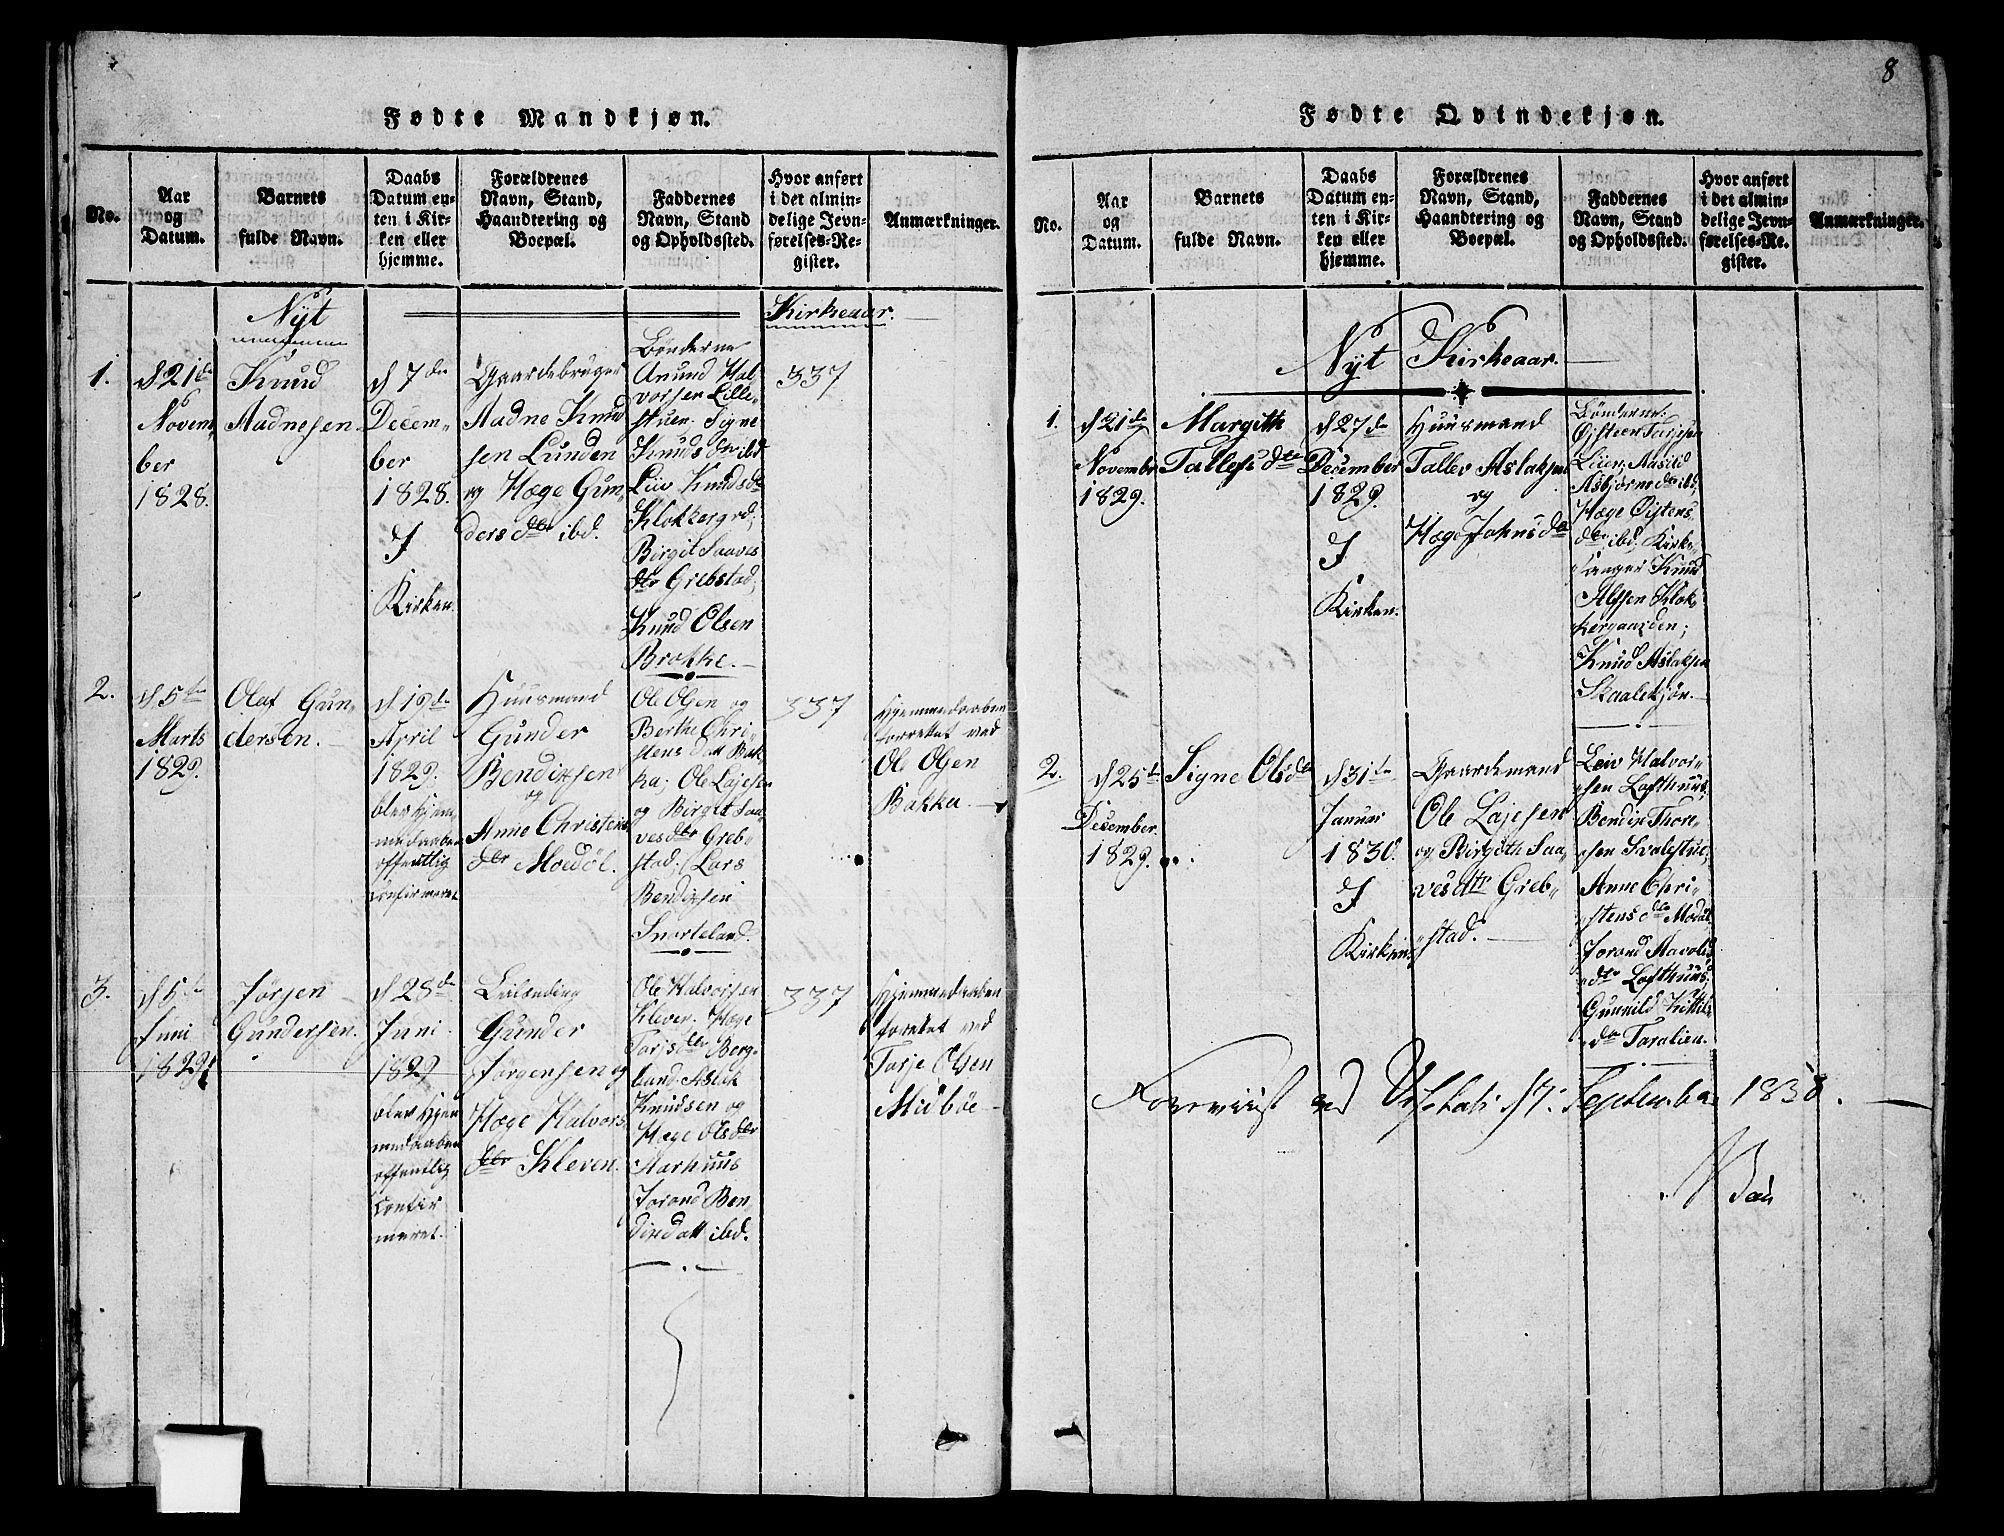 SAKO, Fyresdal kirkebøker, G/Ga/L0002: Klokkerbok nr. I 2, 1815-1857, s. 8